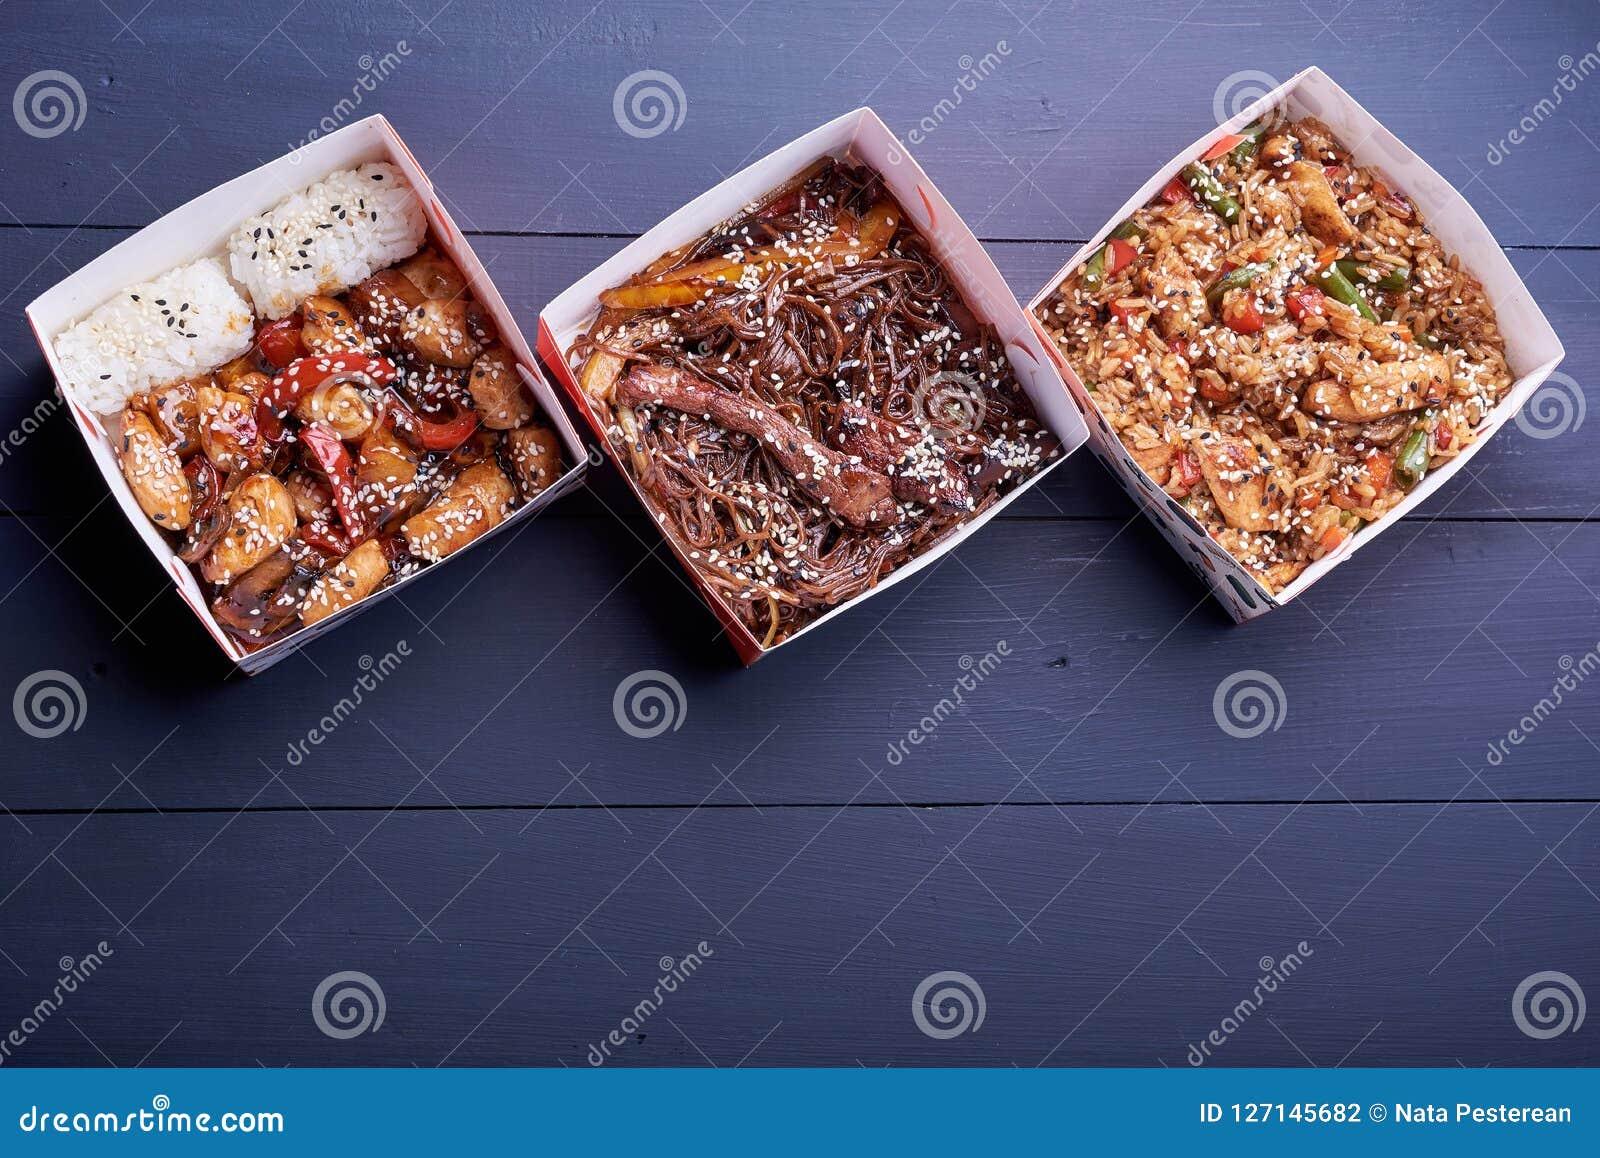 Tagliatelle con carne di maiale e le verdure in scatola da portar via sulla tavola di legno